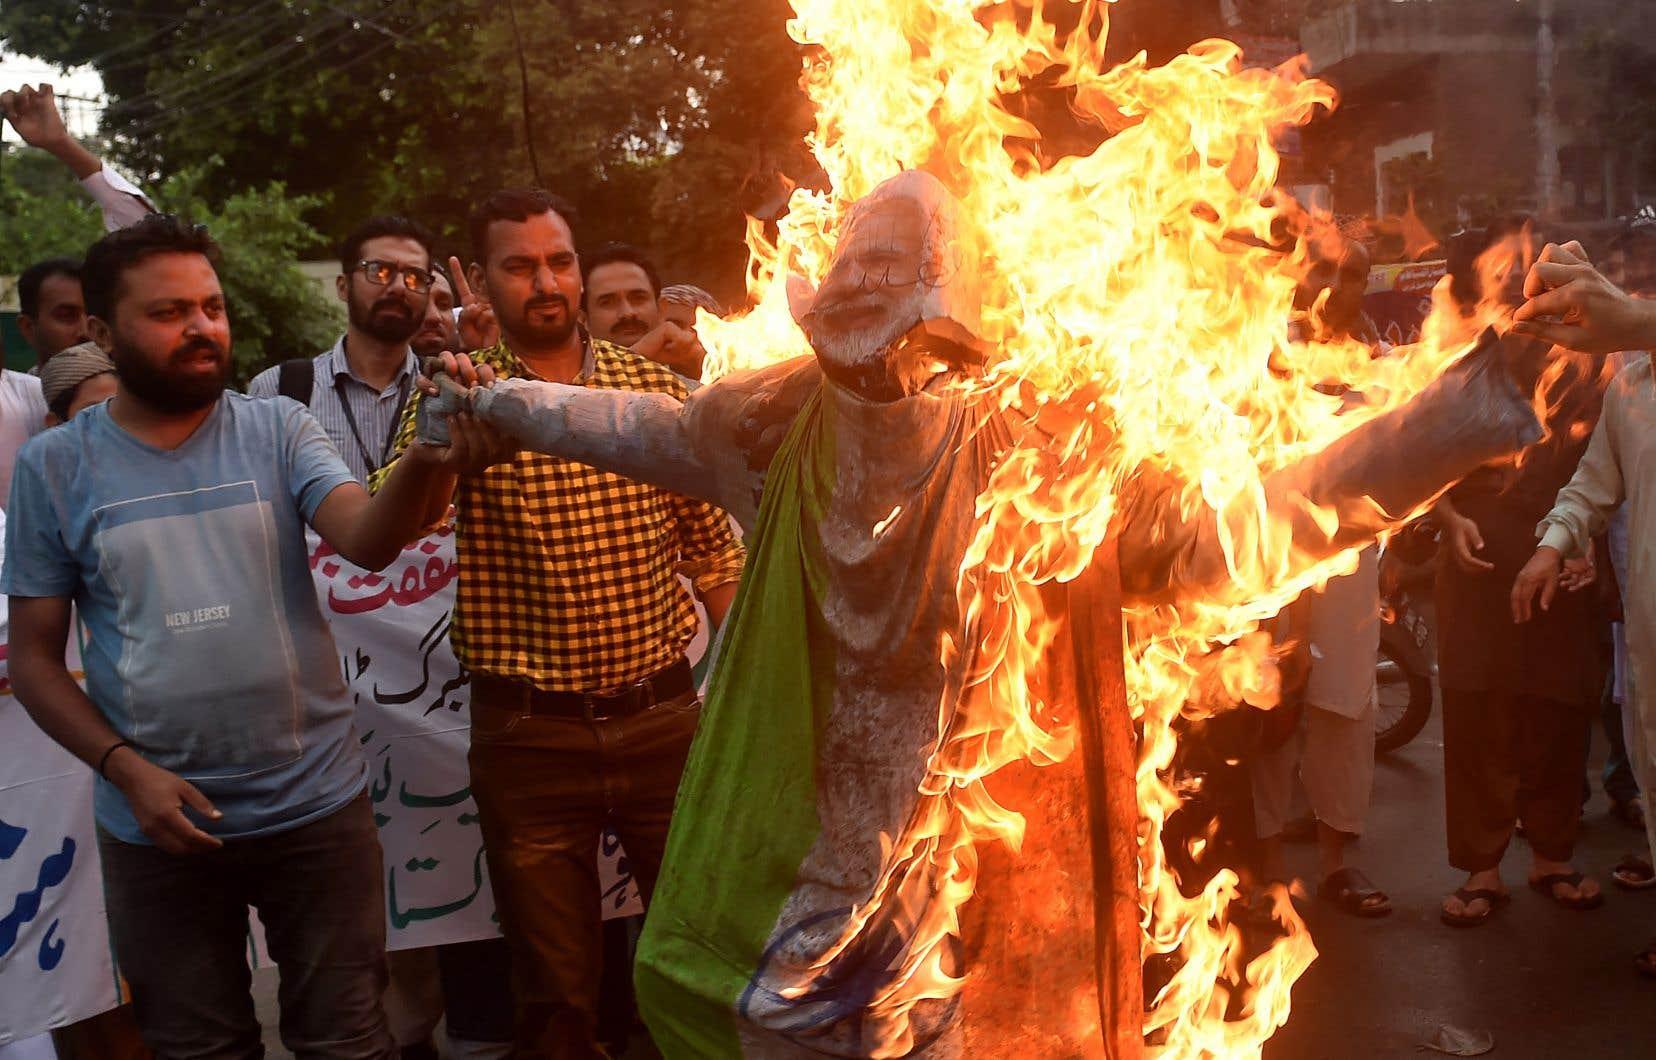 Les manifestants brûlent l'effigie du Premier ministre indien Narendra Modi lors d'une manifestation à Lahore.